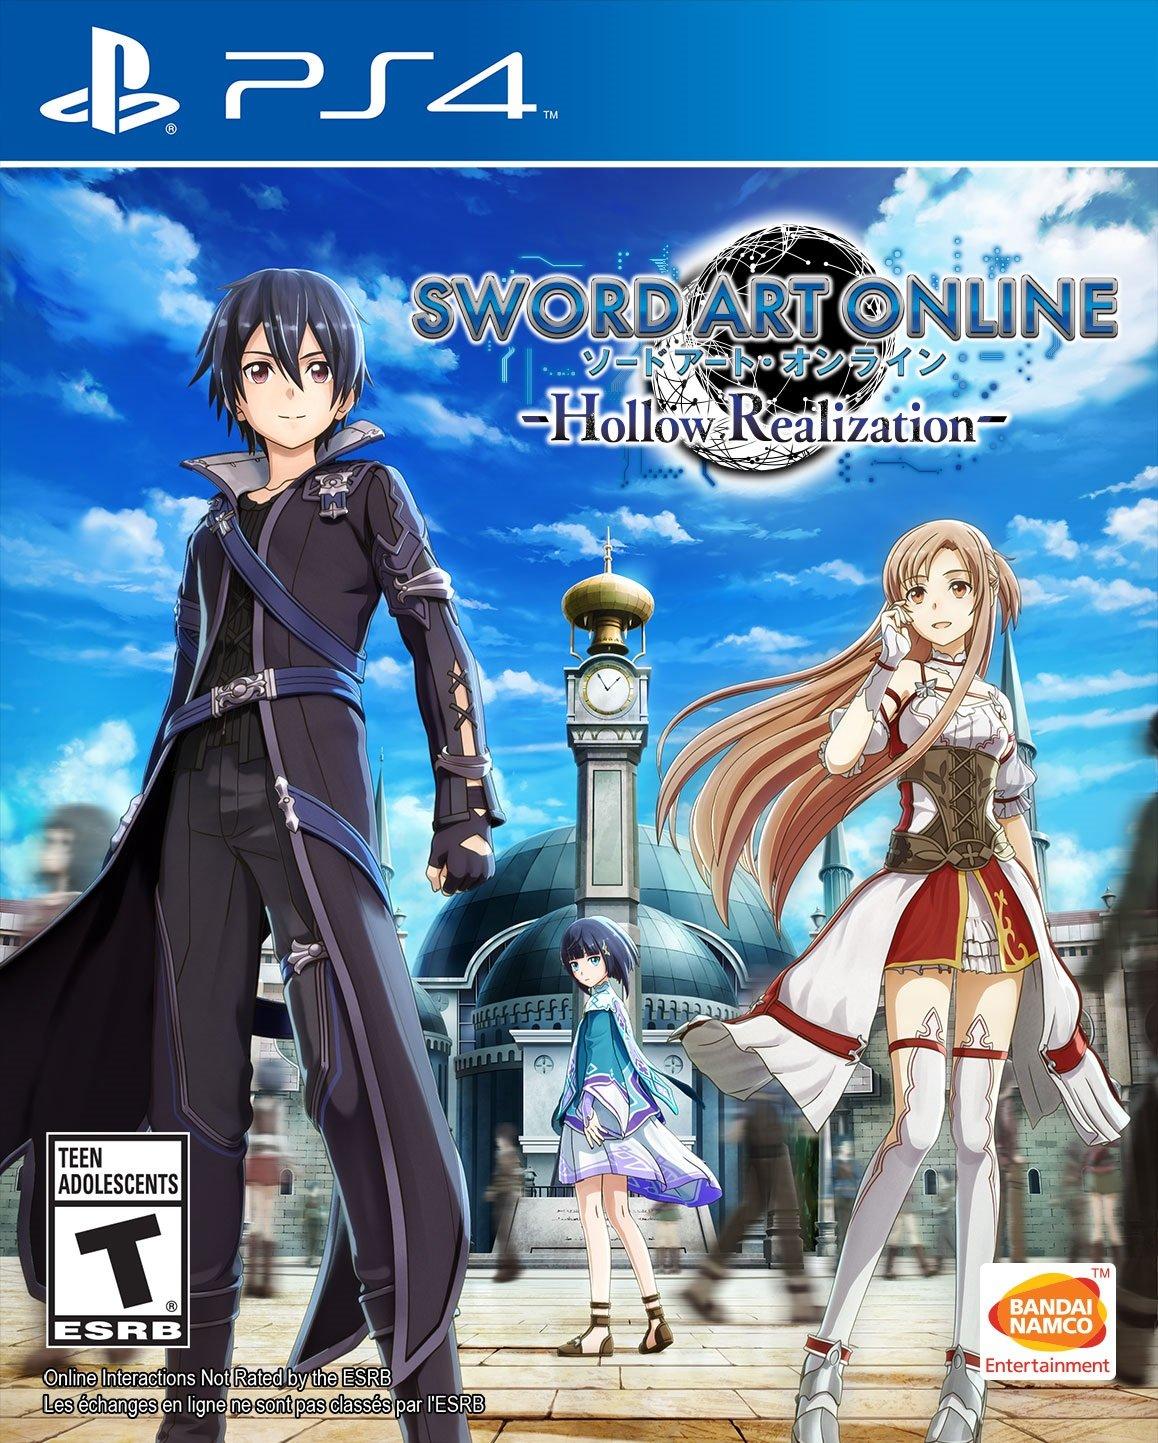 Sword Art Online: Hollow Realization Release Date (PS4)